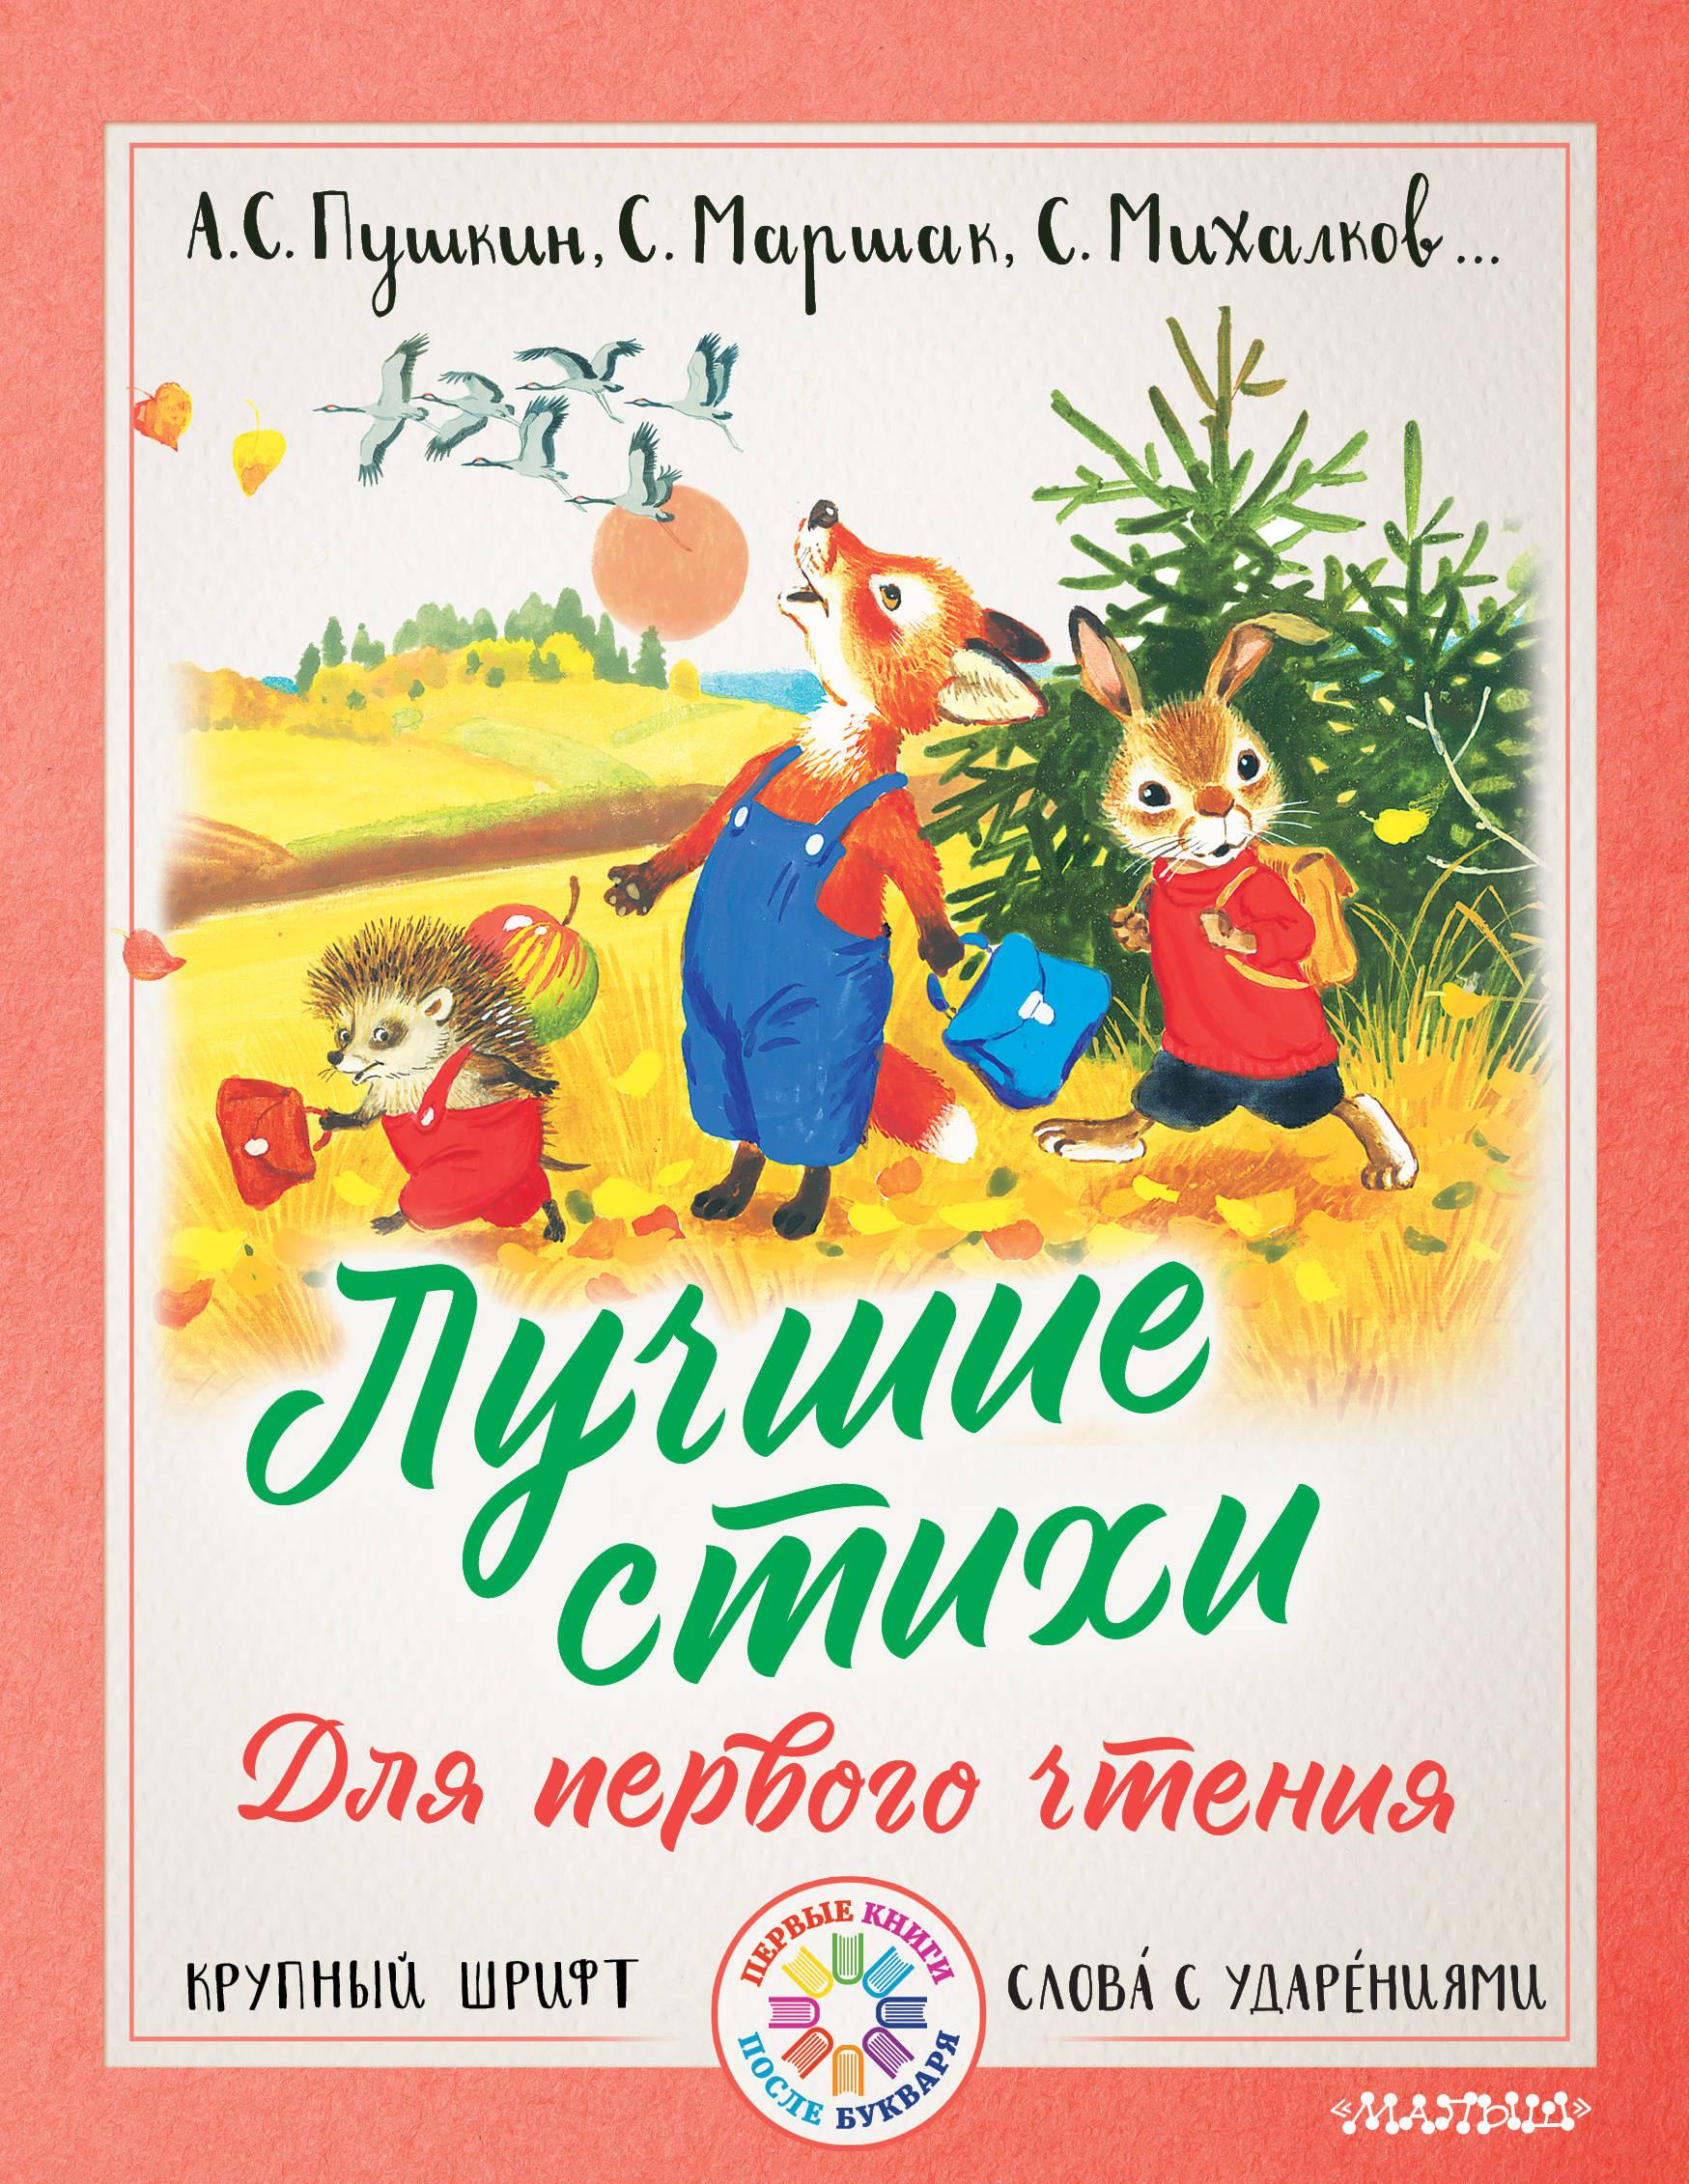 А.С. Пушкин, С. Маршак, С. Михалков Лучшие стихи для первого чтения лучшие стихи для первого чтения